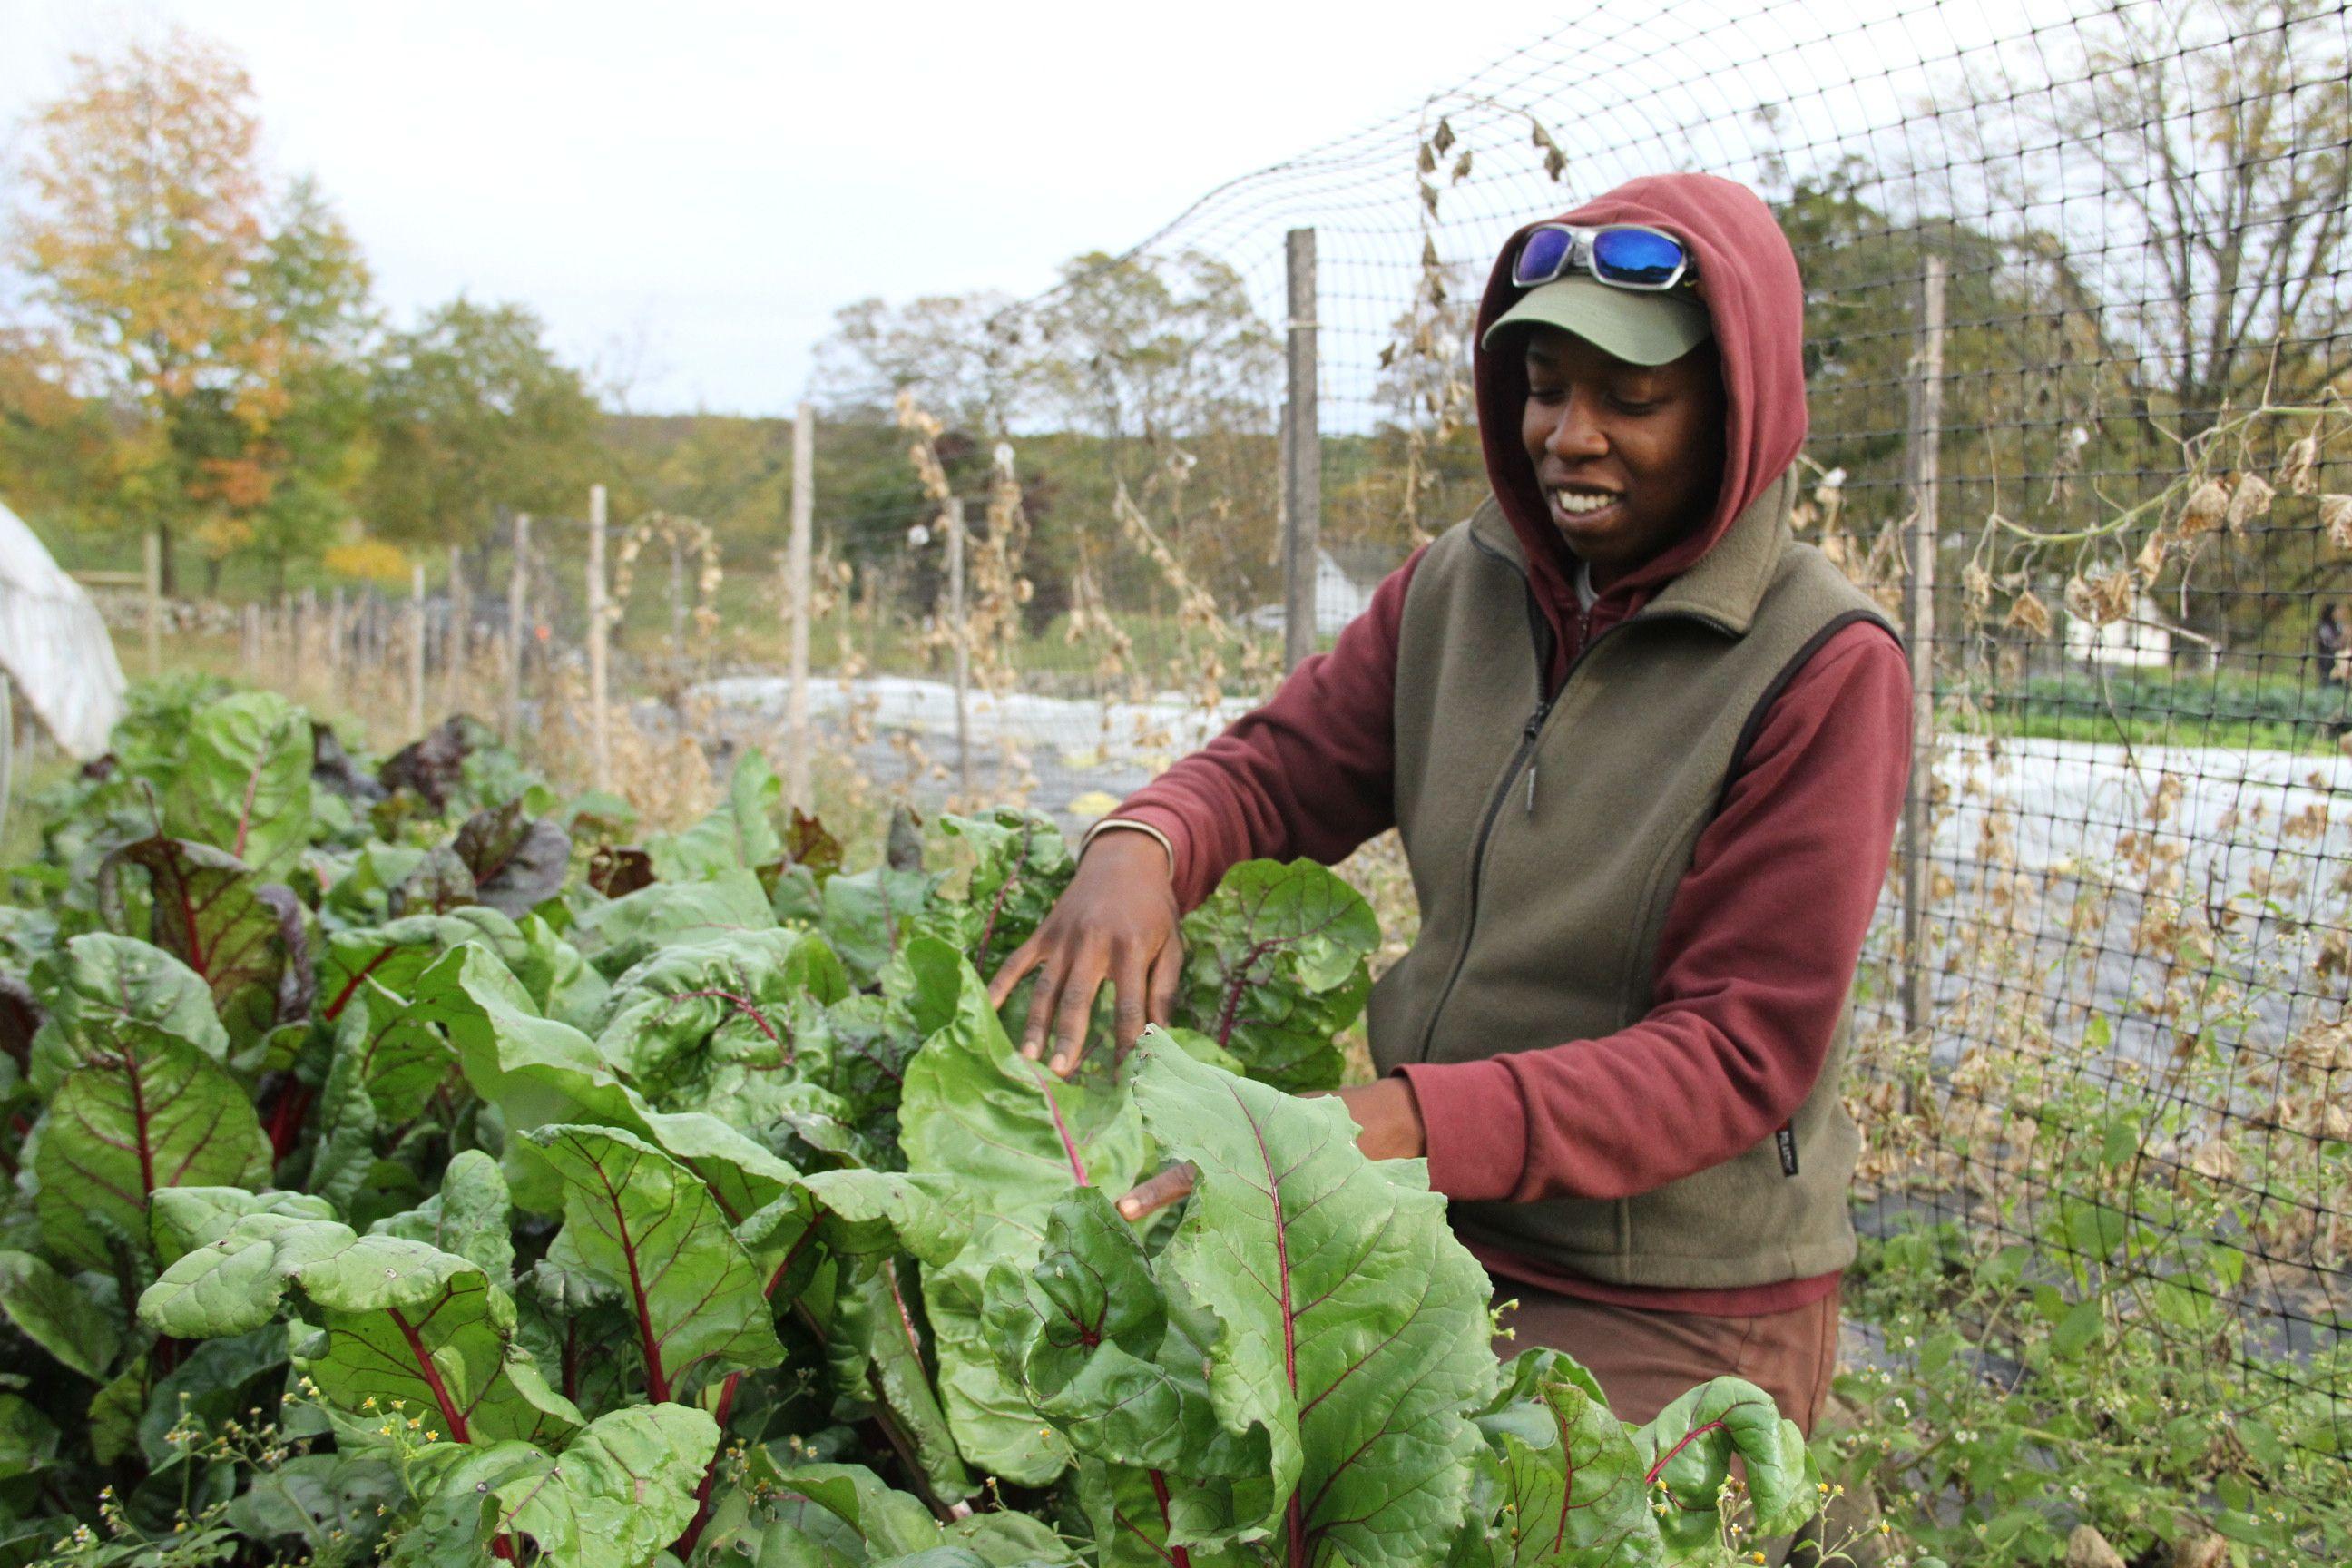 Farmer Training At-A-Glance